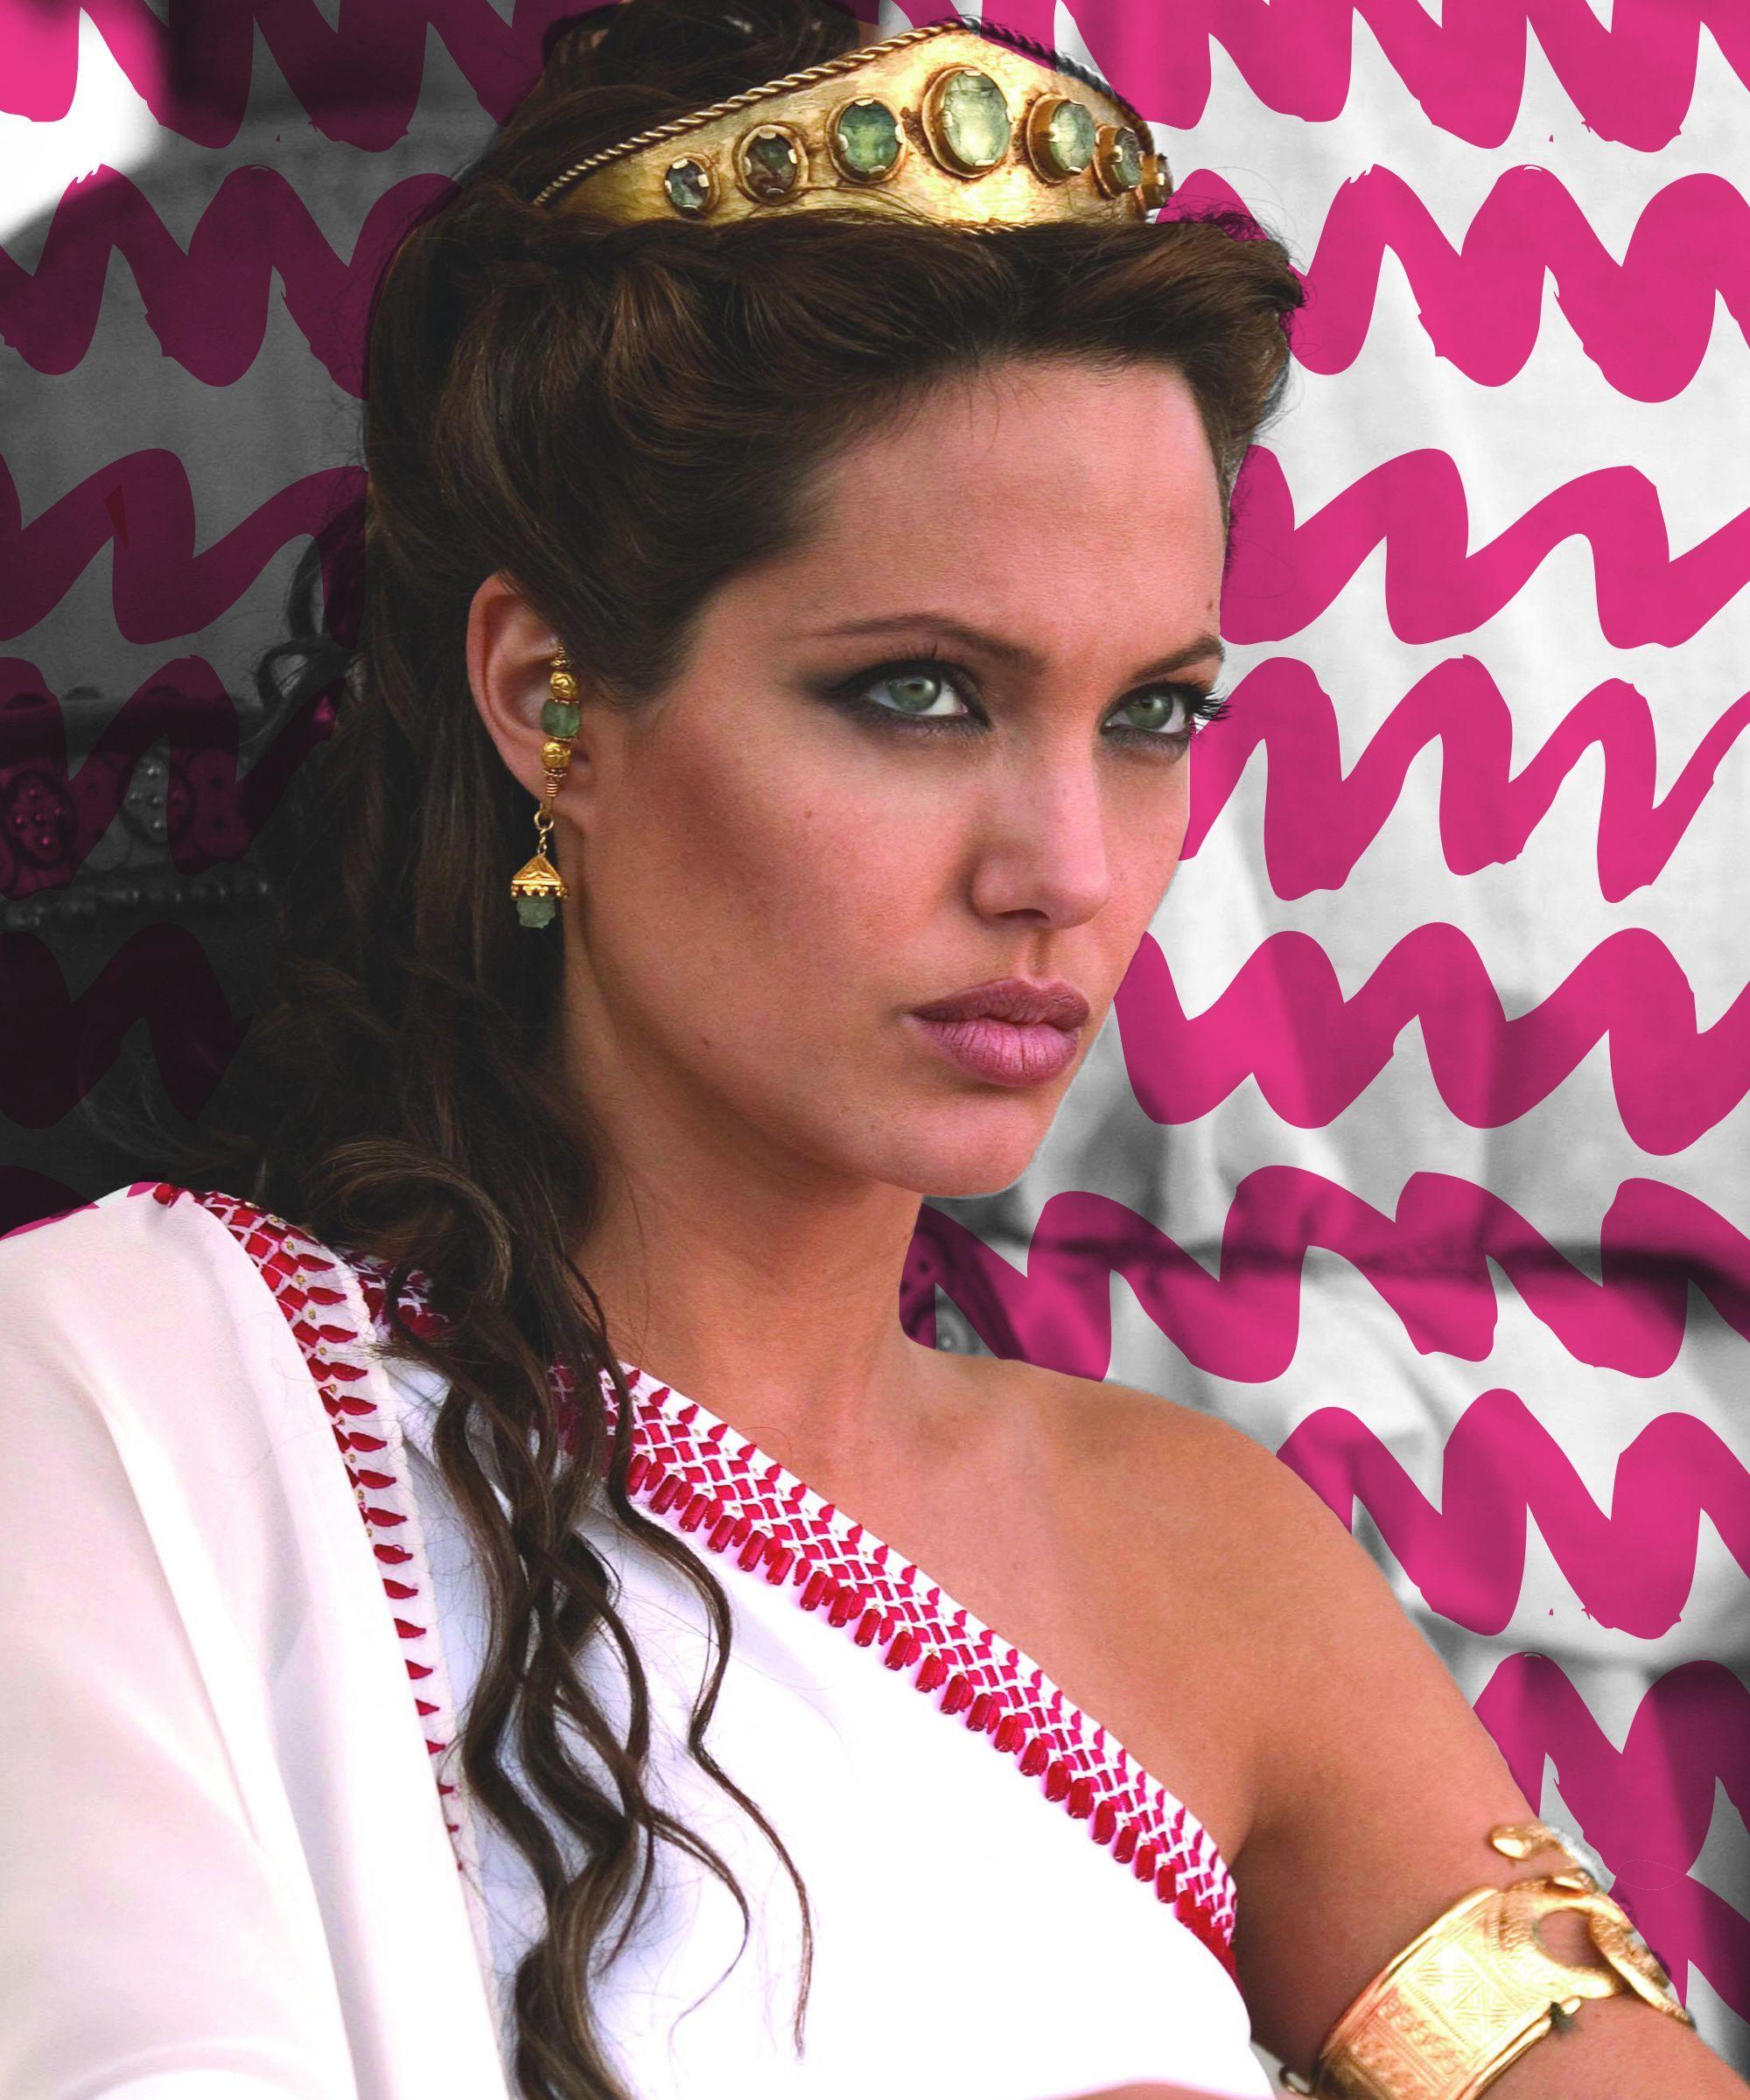 Angelina Jolie Best Worst Movie Hairstyles Intended For Angelina Jolie Short Hairstyles (View 16 of 25)